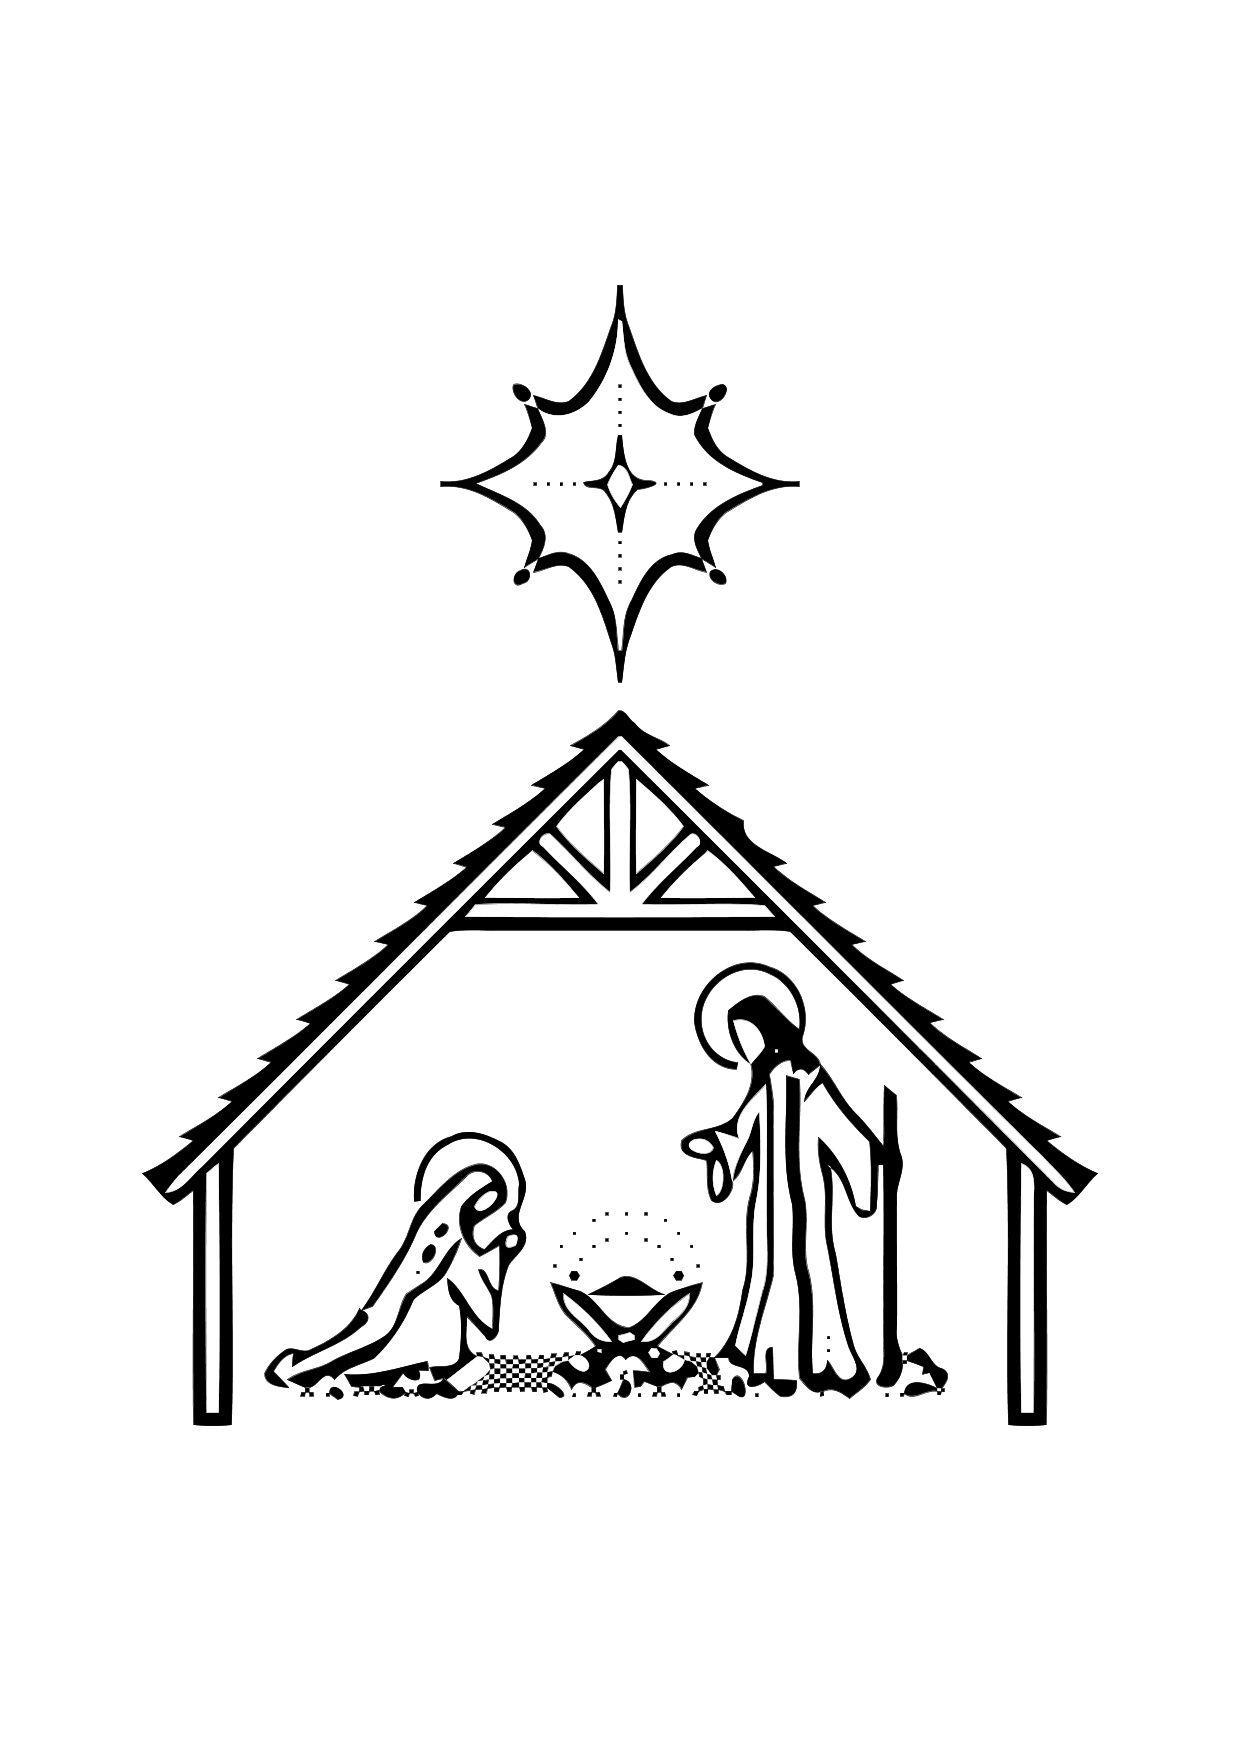 Dibujo para colorear Nacimiento de Jesús - Img 11317